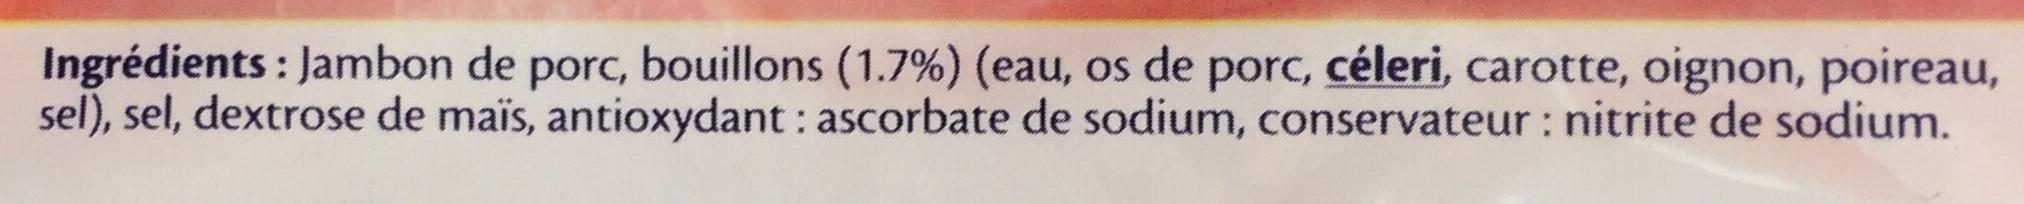 Le cuisiné à l'os recette Joël Robuchon - 2tr. - Ingredienti - fr